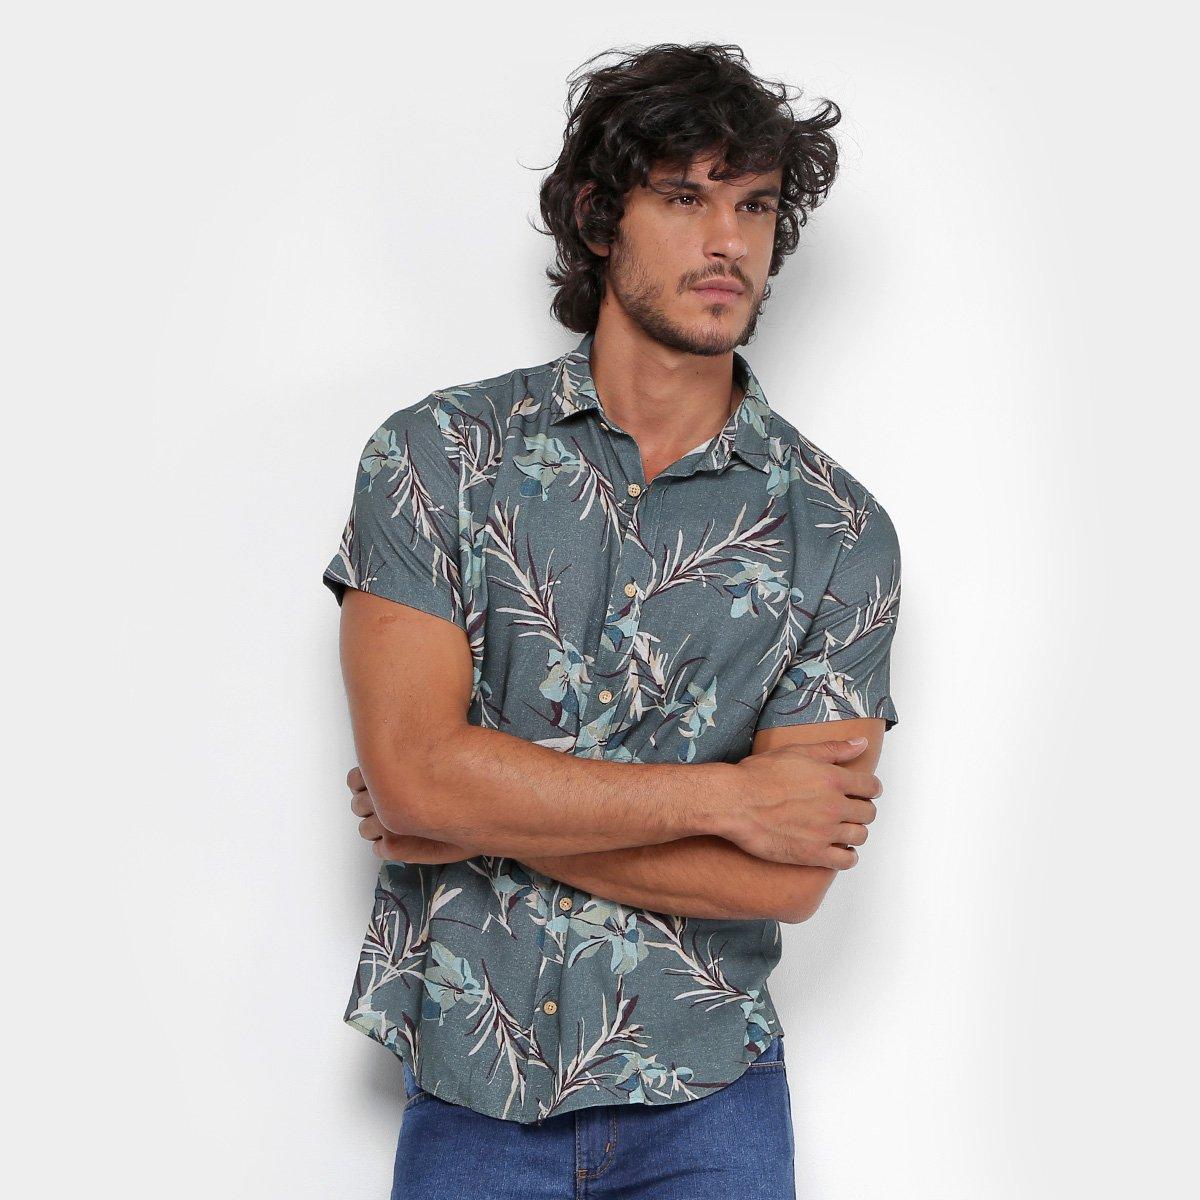 Camisa Reserva Estampada Floral Manga Curta Masculina - Compre Agora ... 505b3c26c29